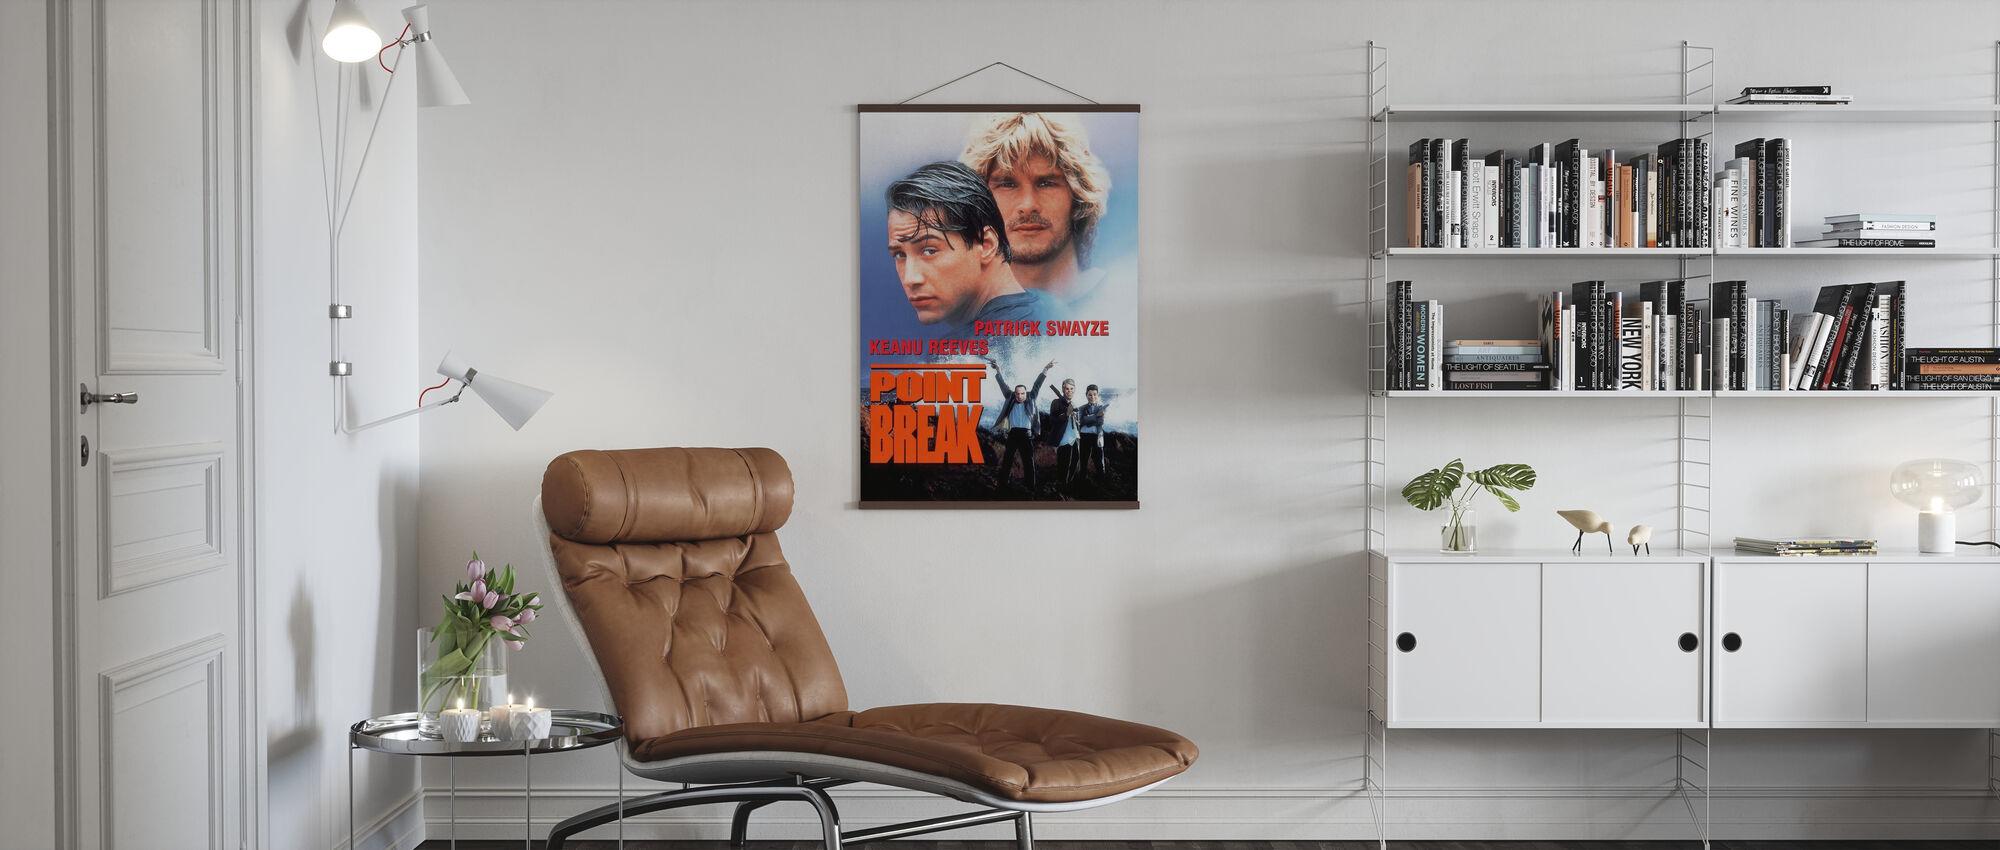 Punt Breek - Poster - Woonkamer